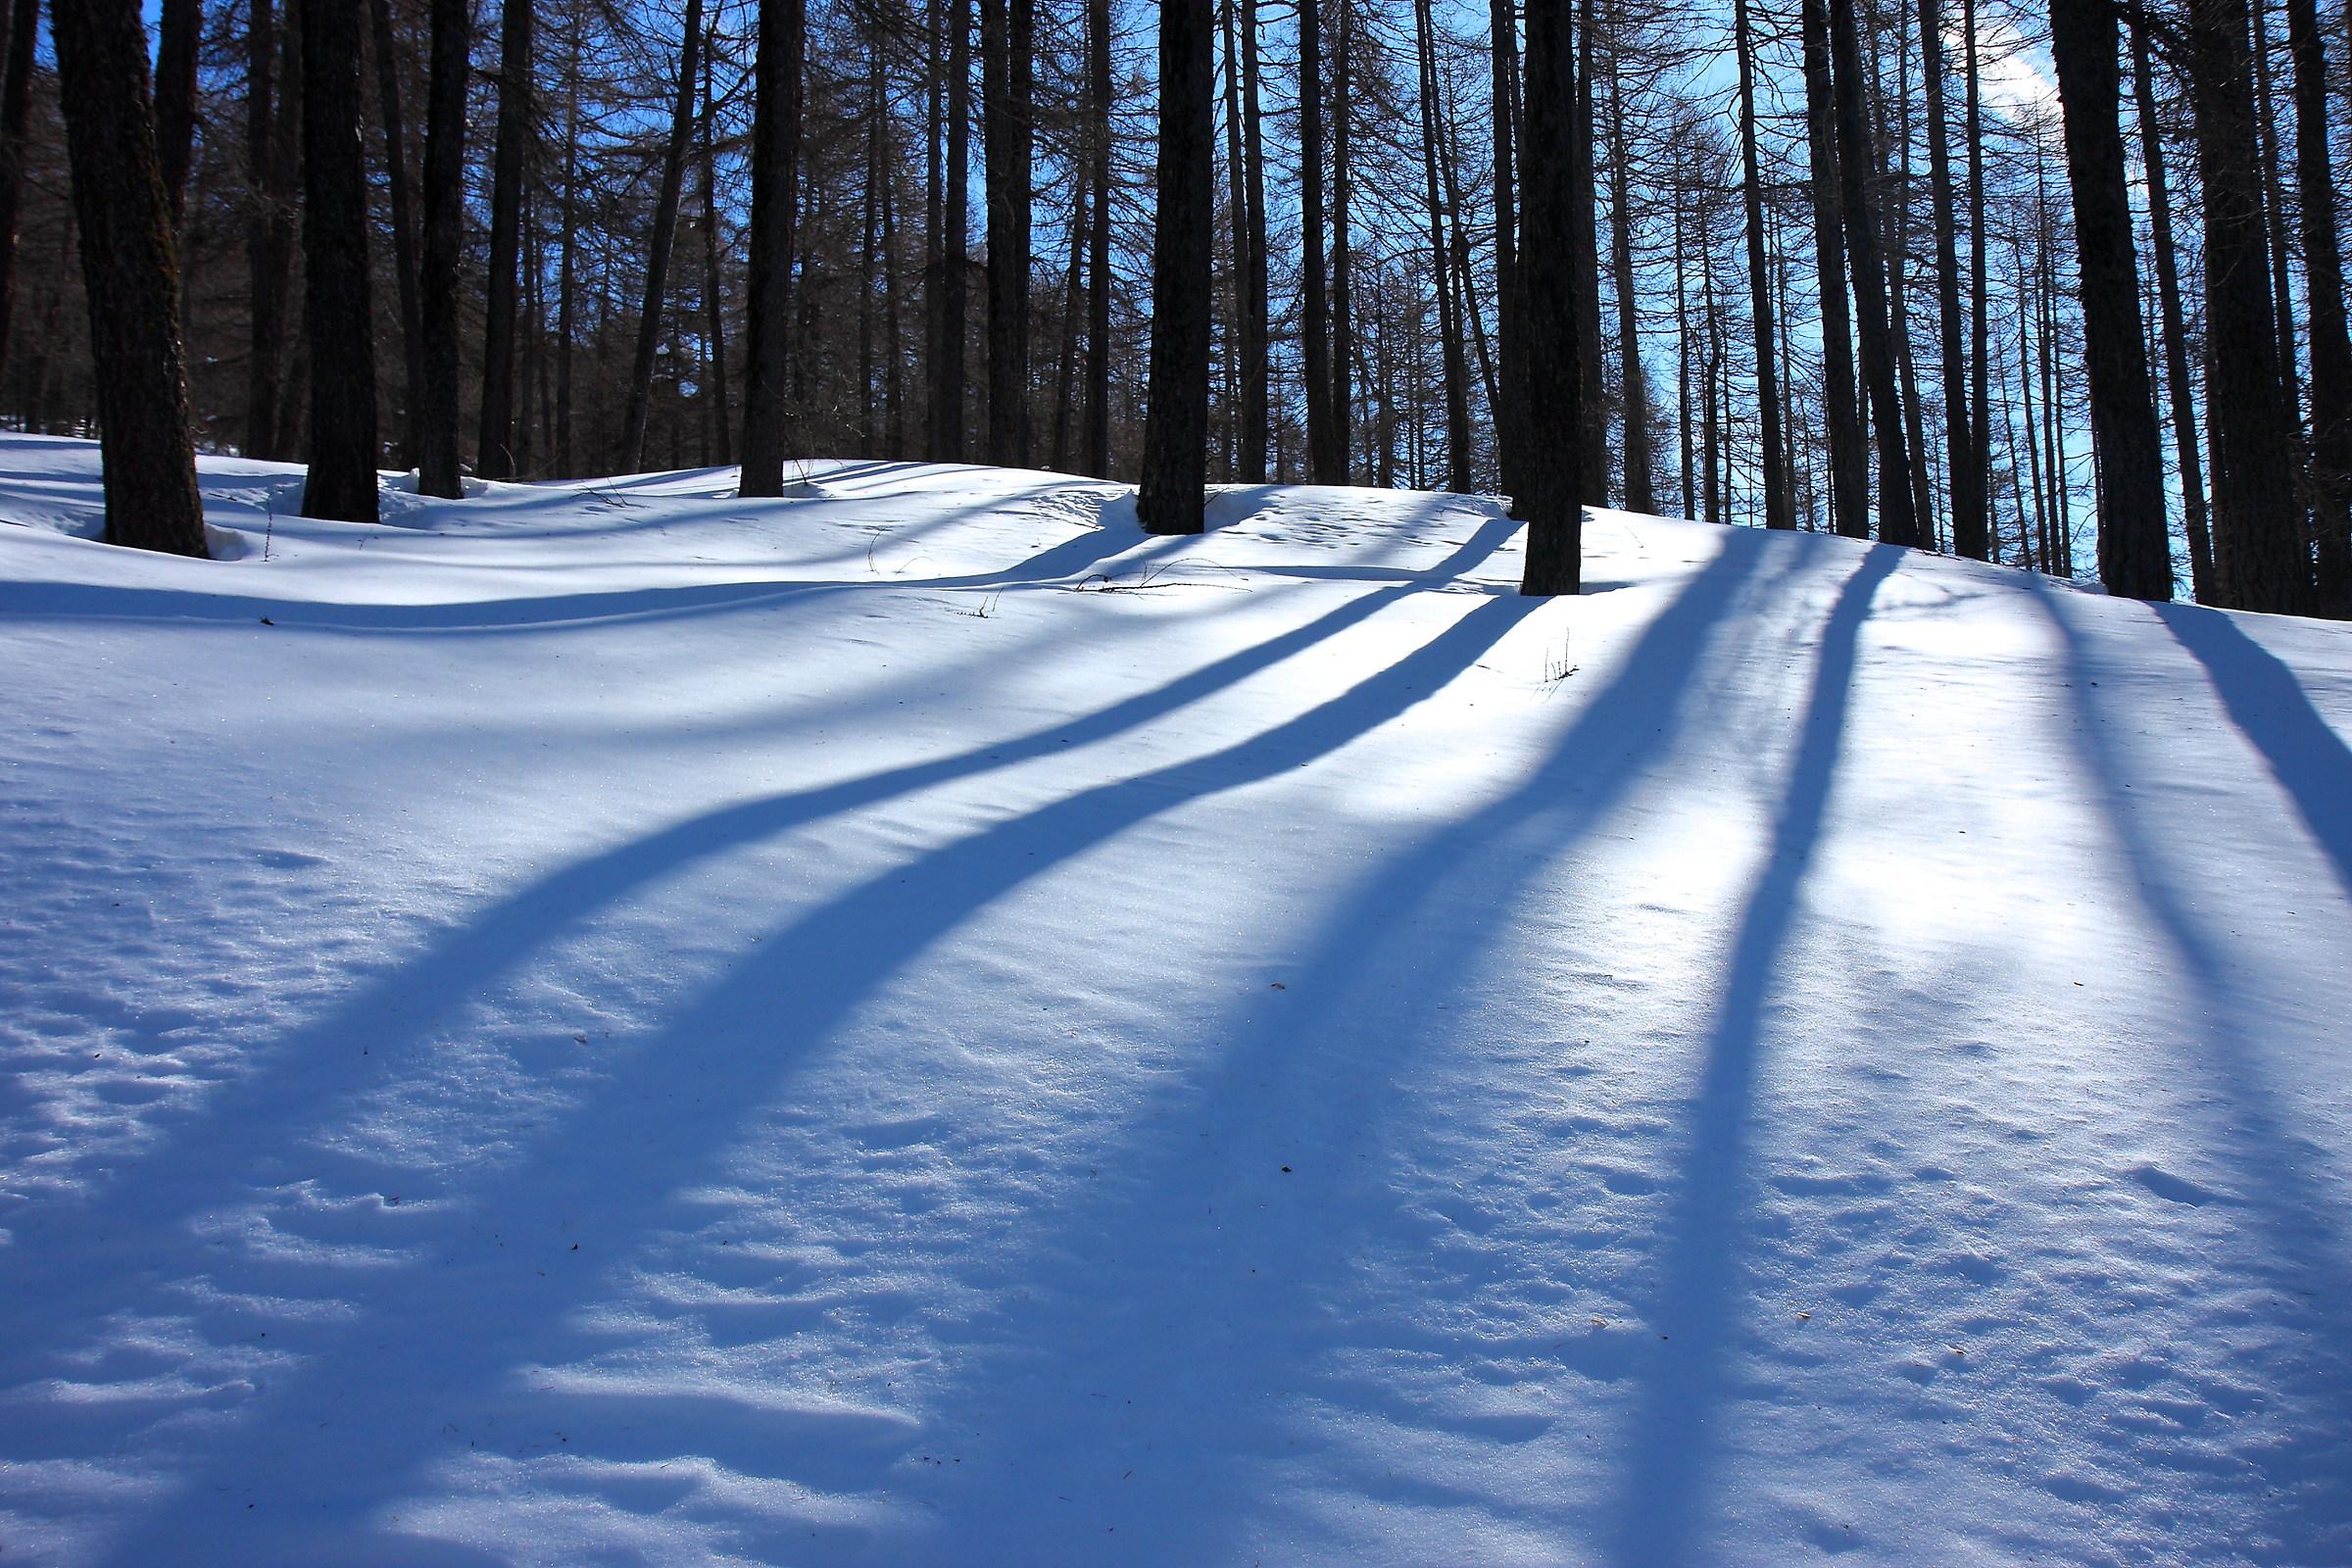 Shadows on the snow...